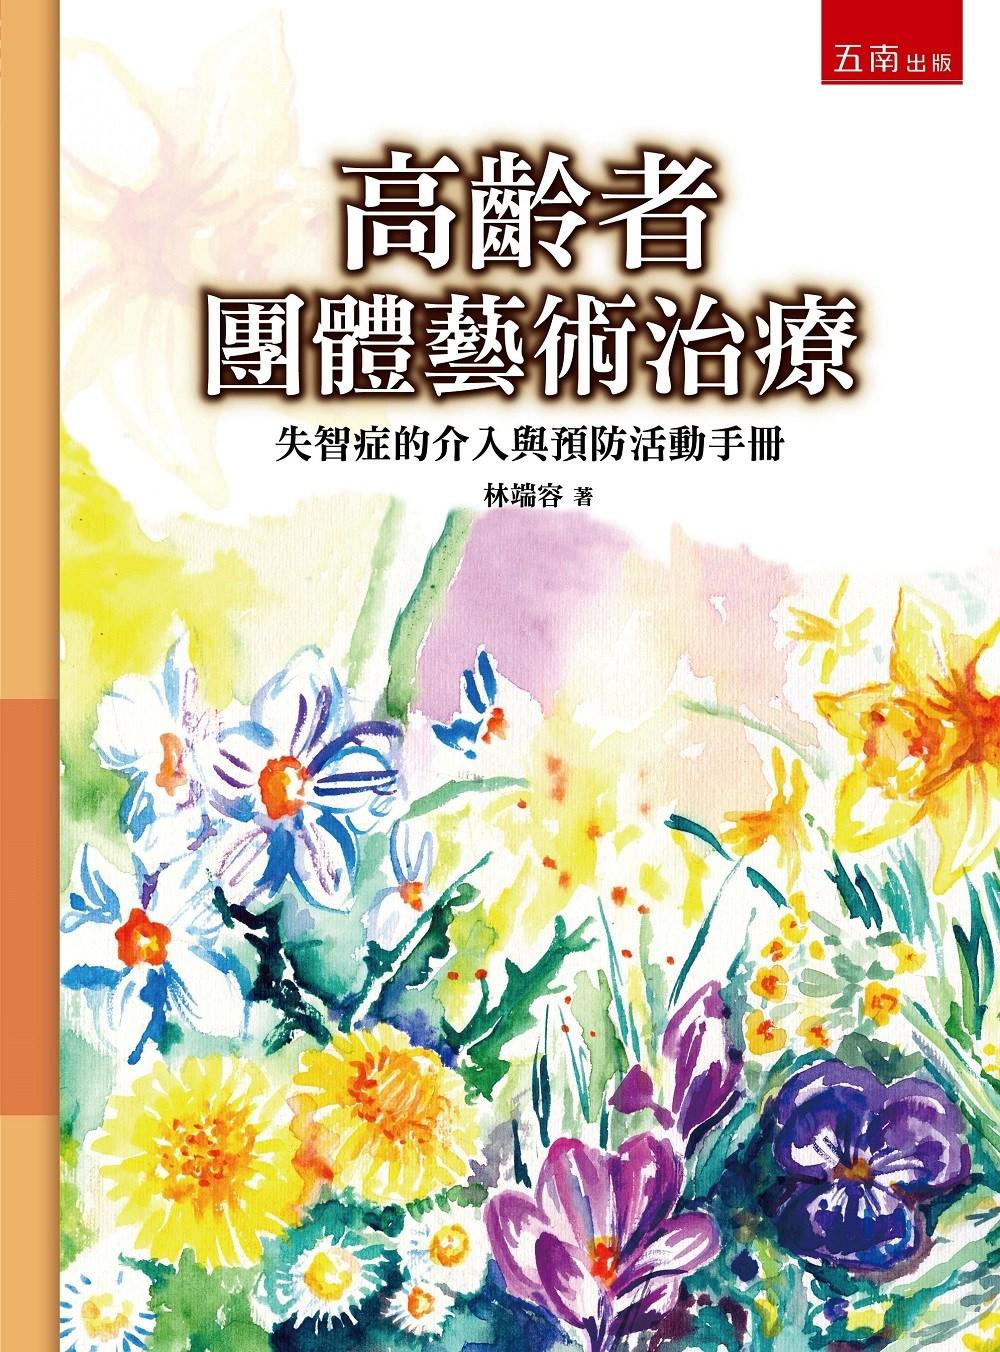 《高齡者團體藝術治療:失智症的介入與預防活動手冊》 商品條碼,ISBN:9789571195766